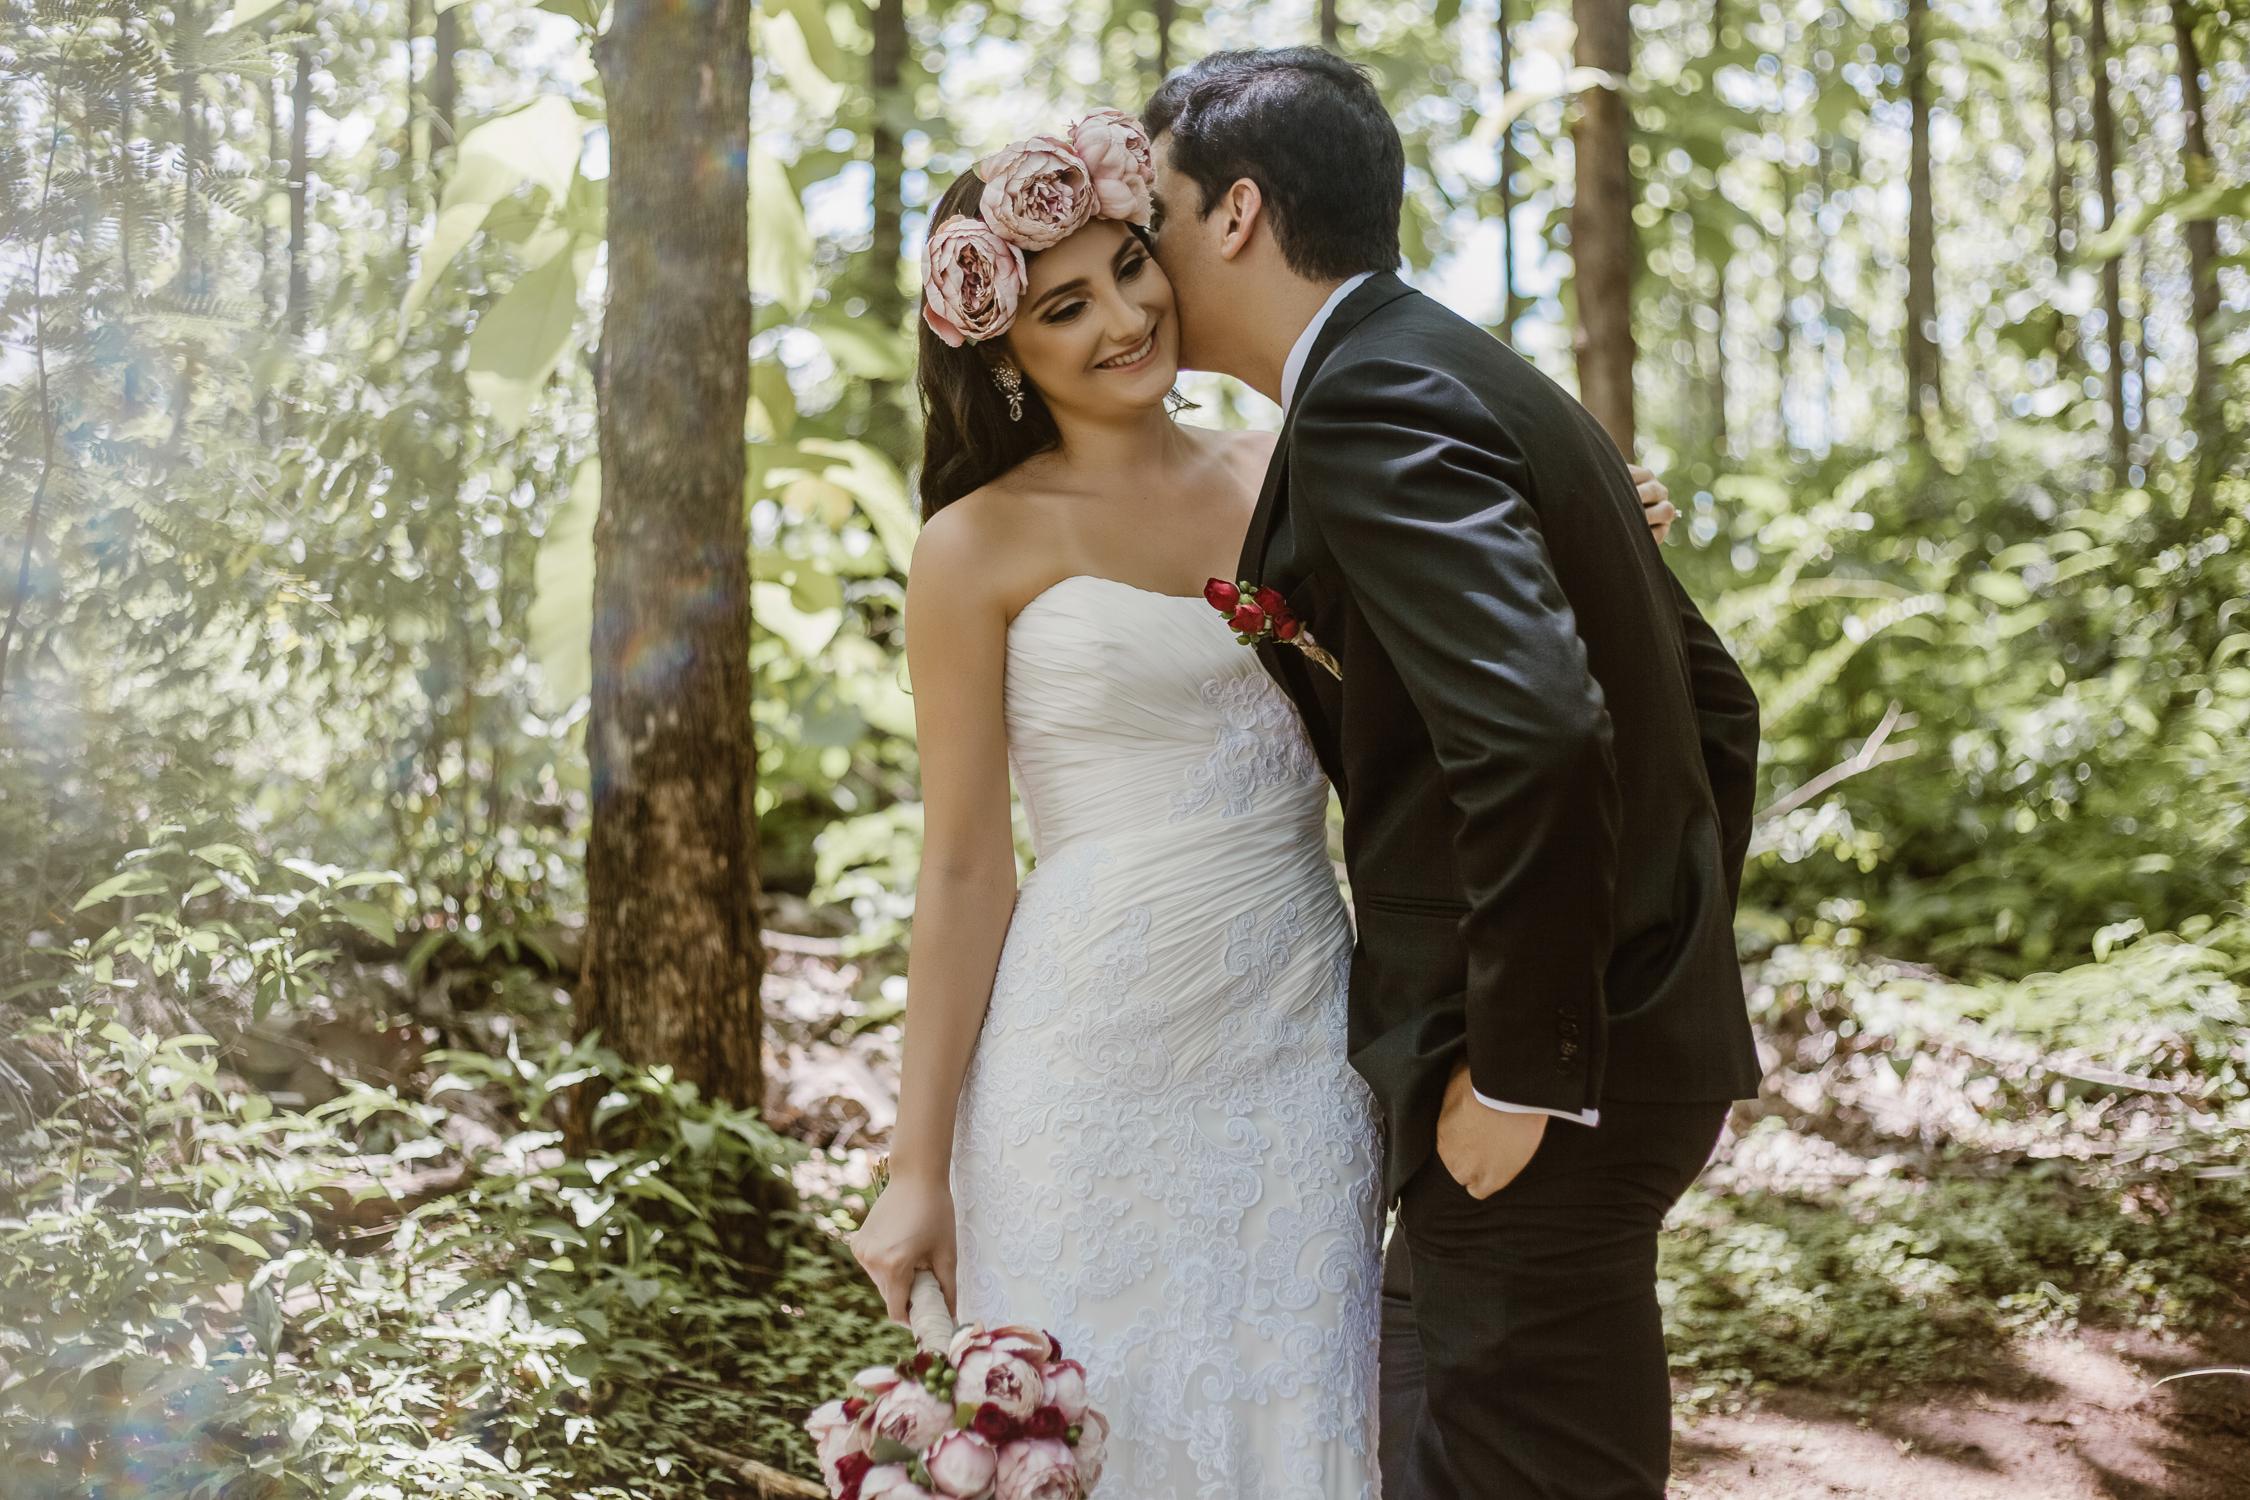 Michelle-Agurto-Fotografia-Bodas-Ecuador-Destination-Wedding-Photographer-Nathalie-Sebas-7.JPG